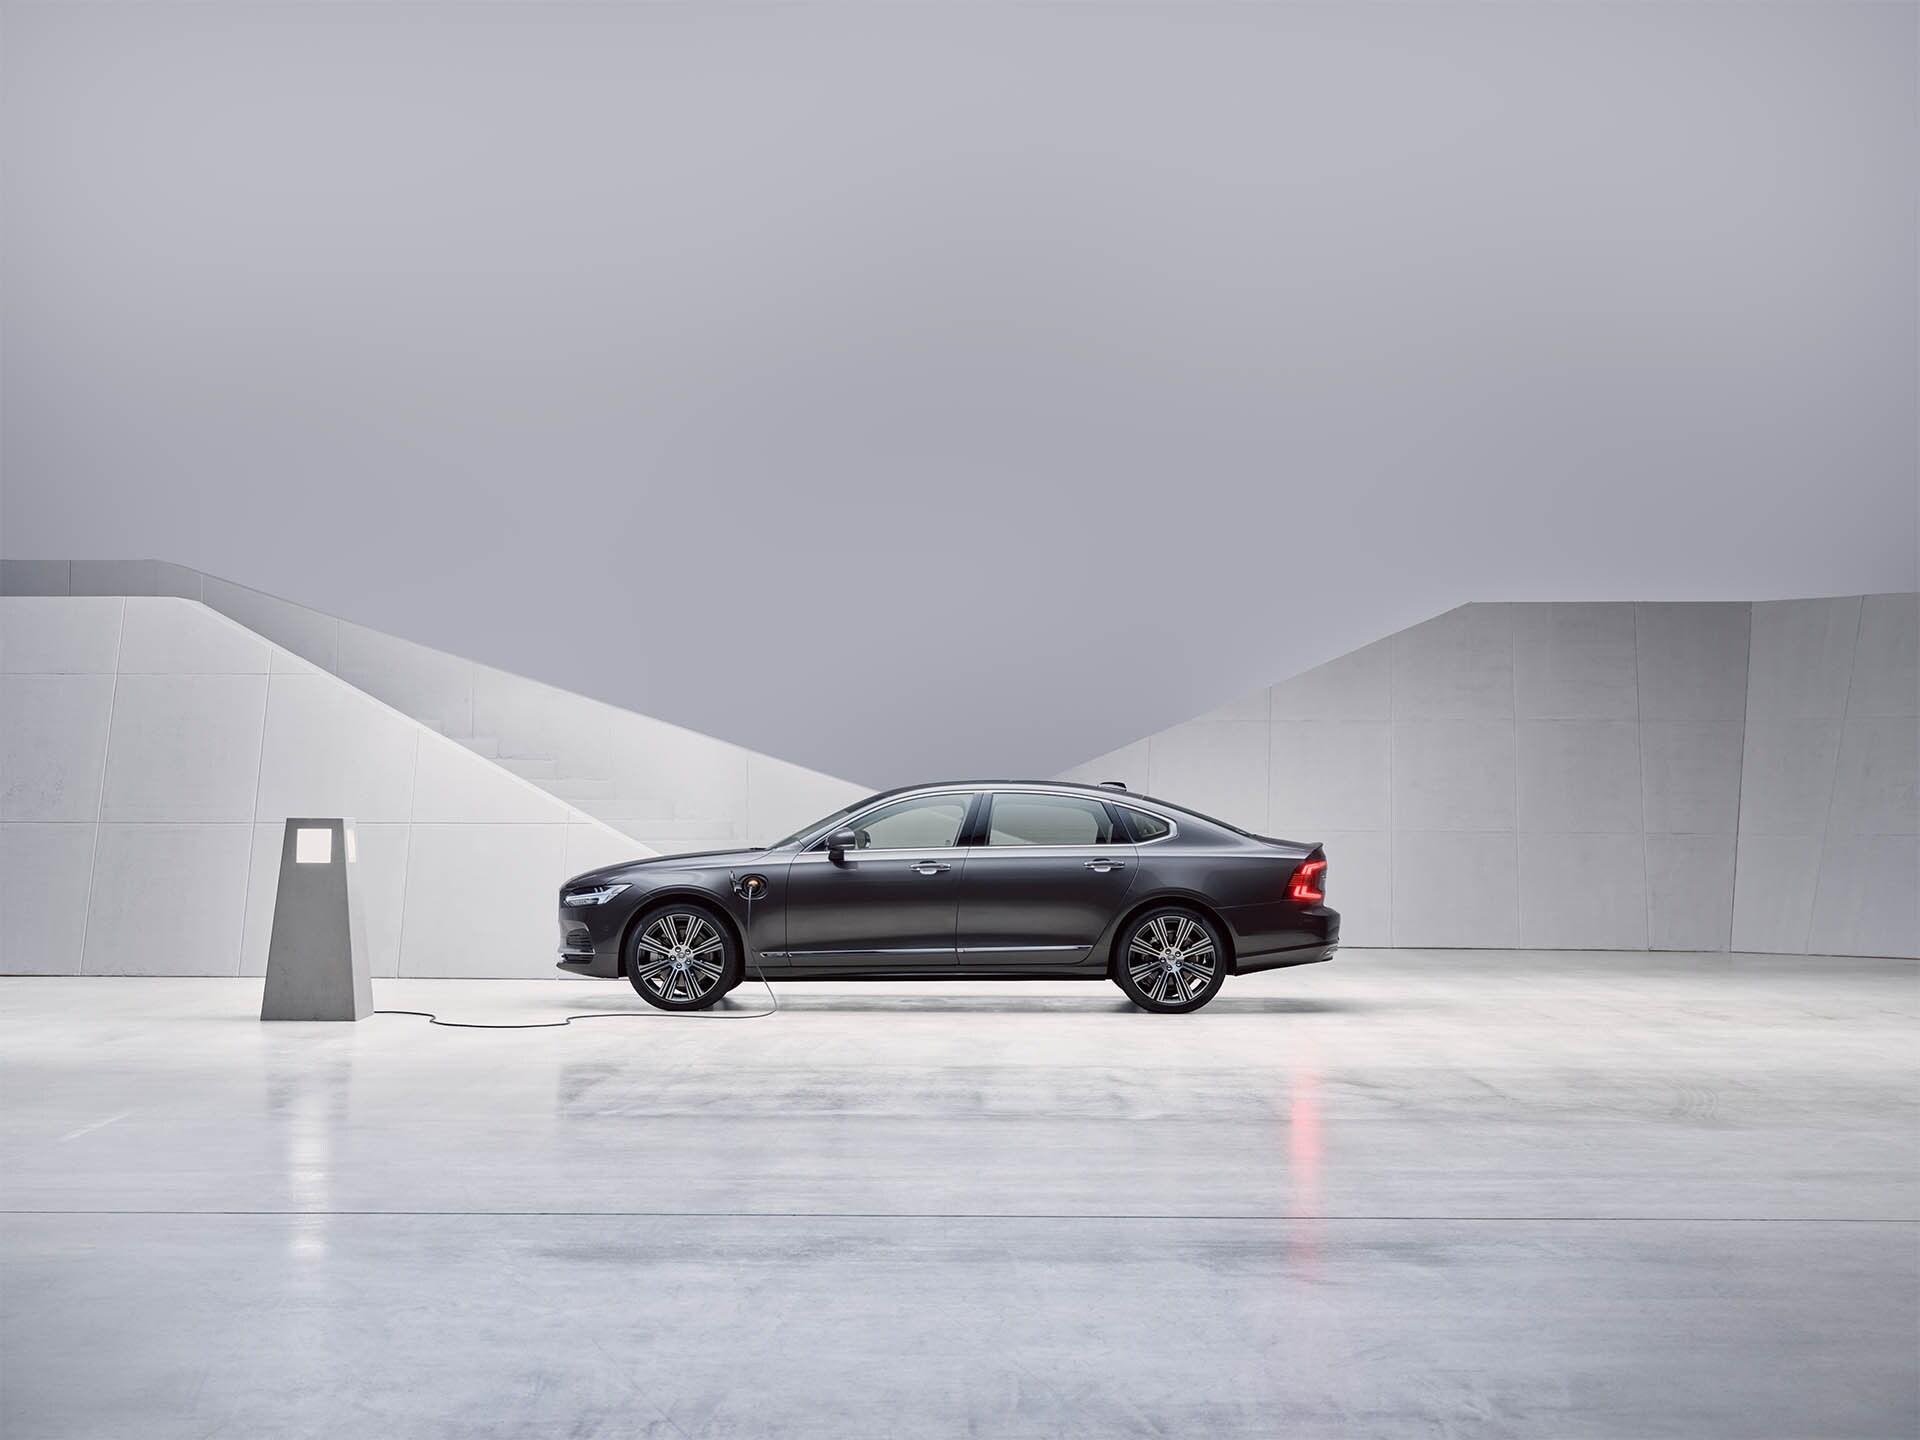 Ein Volvo S90 Plug-in Hybrid sedan (Farbe pebble grey) steht still und wird aufgeladen